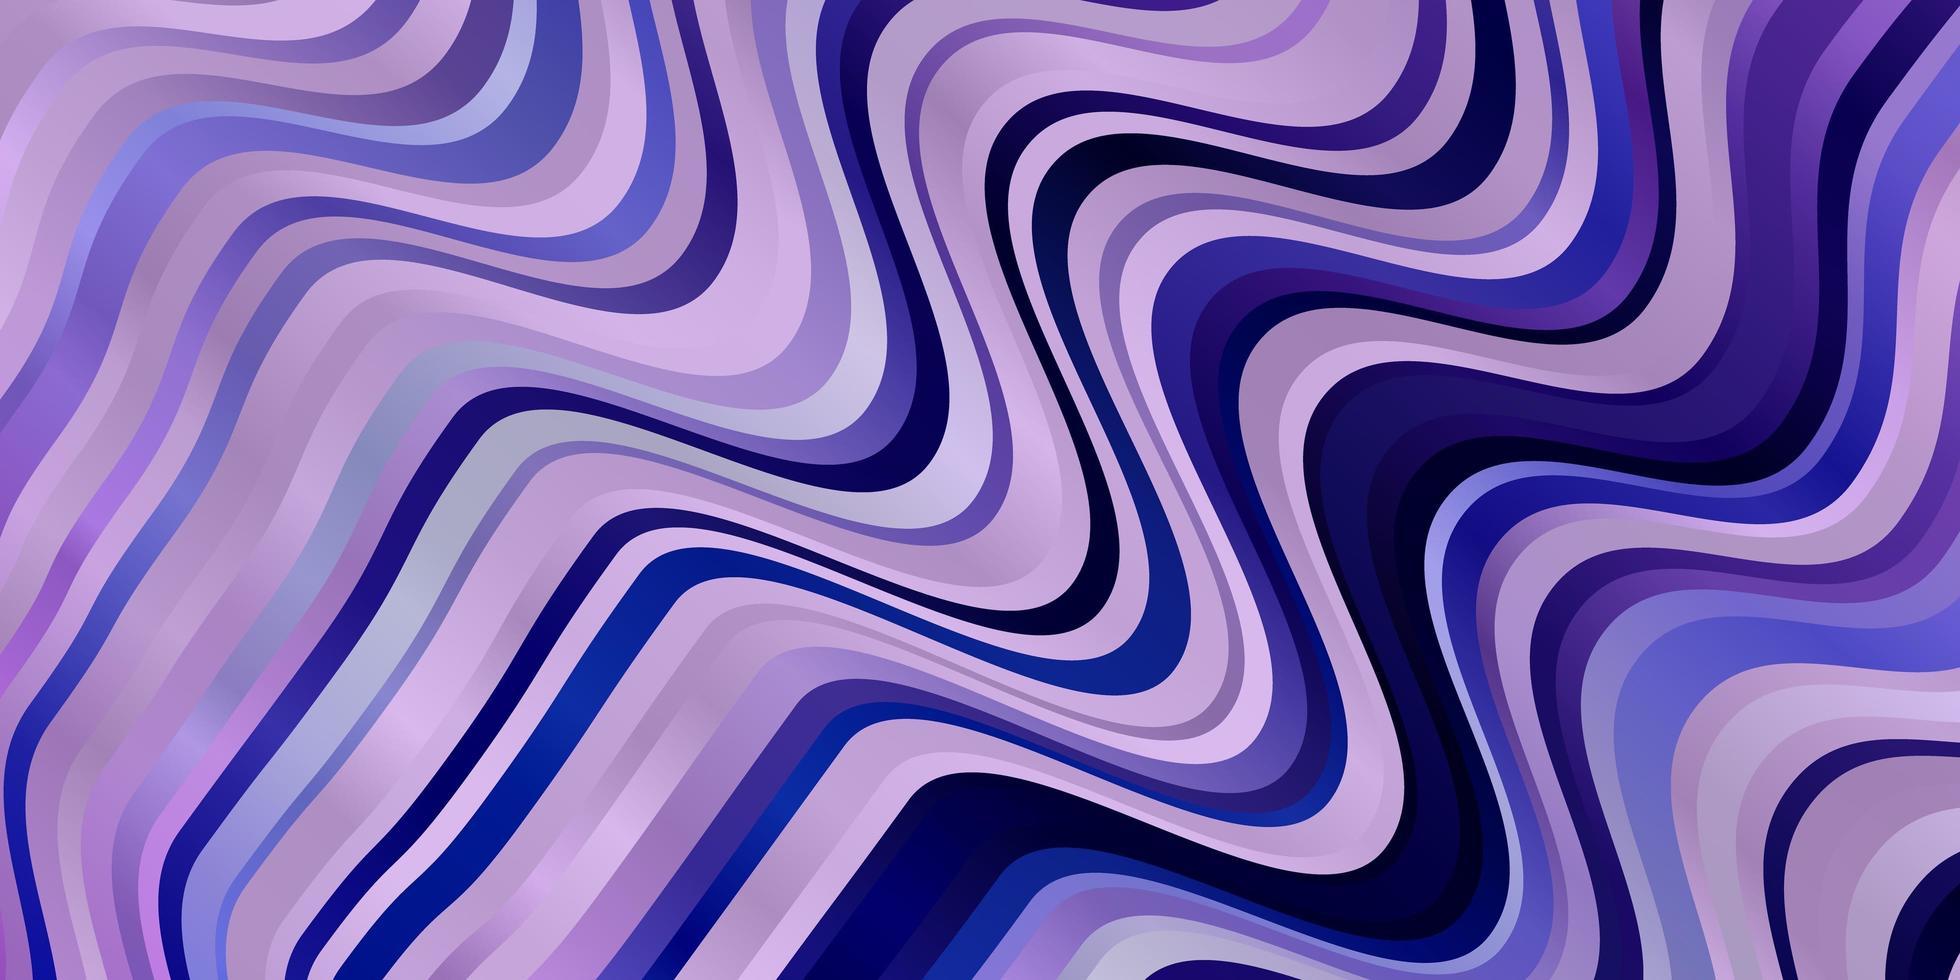 lila mönster med kurvor. vektor